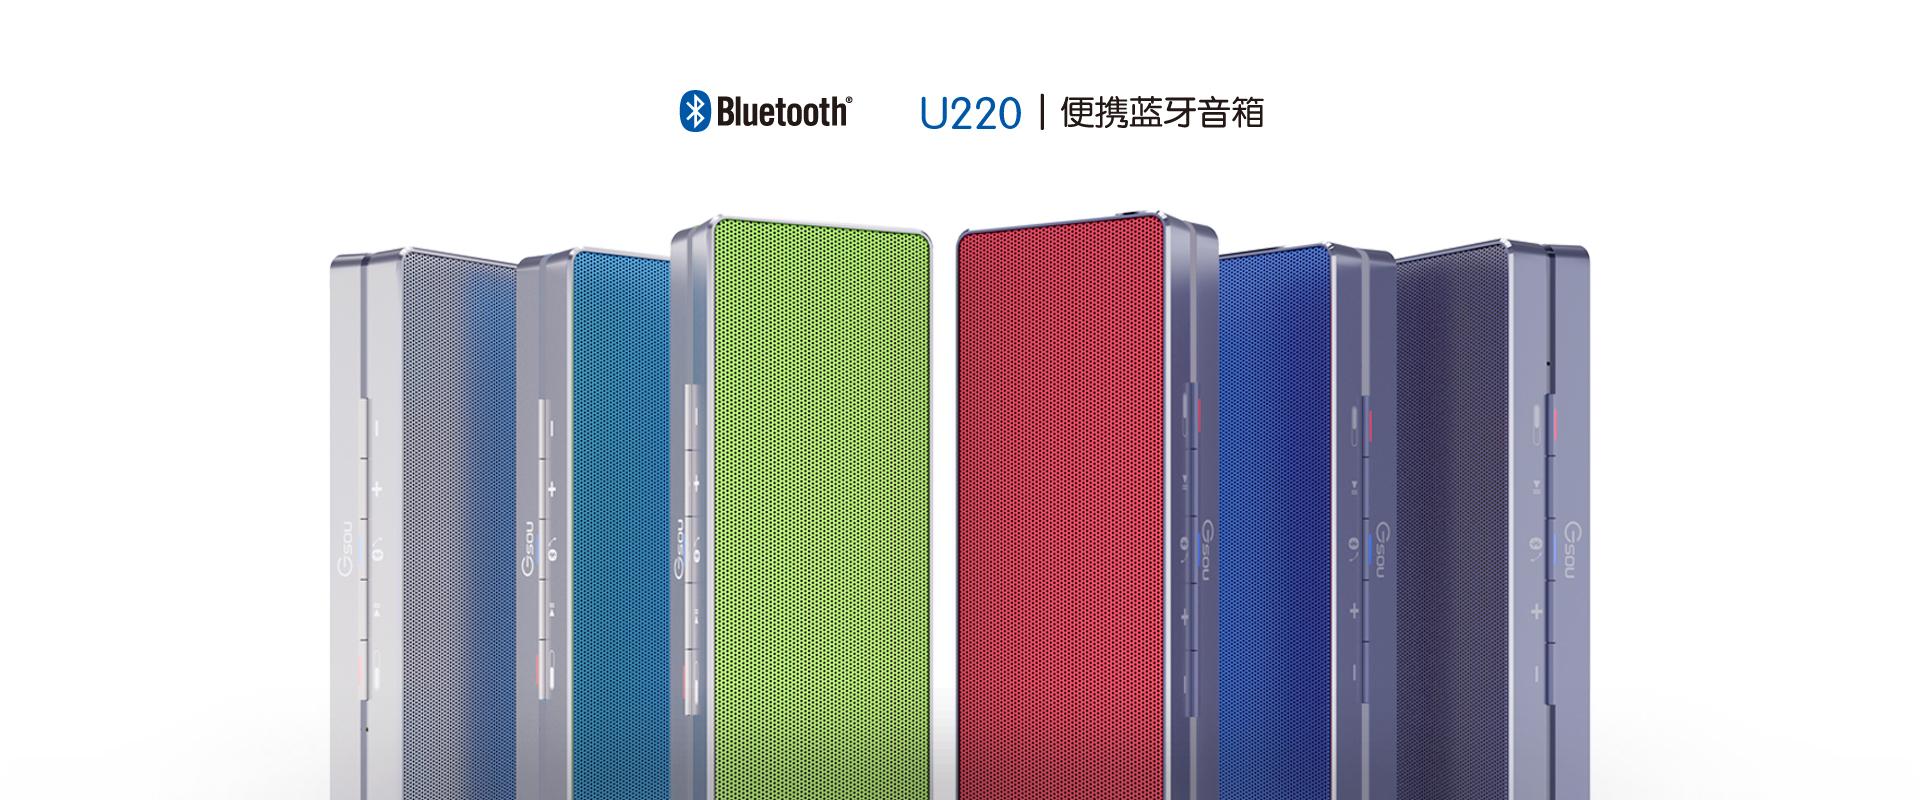 U220 立体声蓝牙音箱